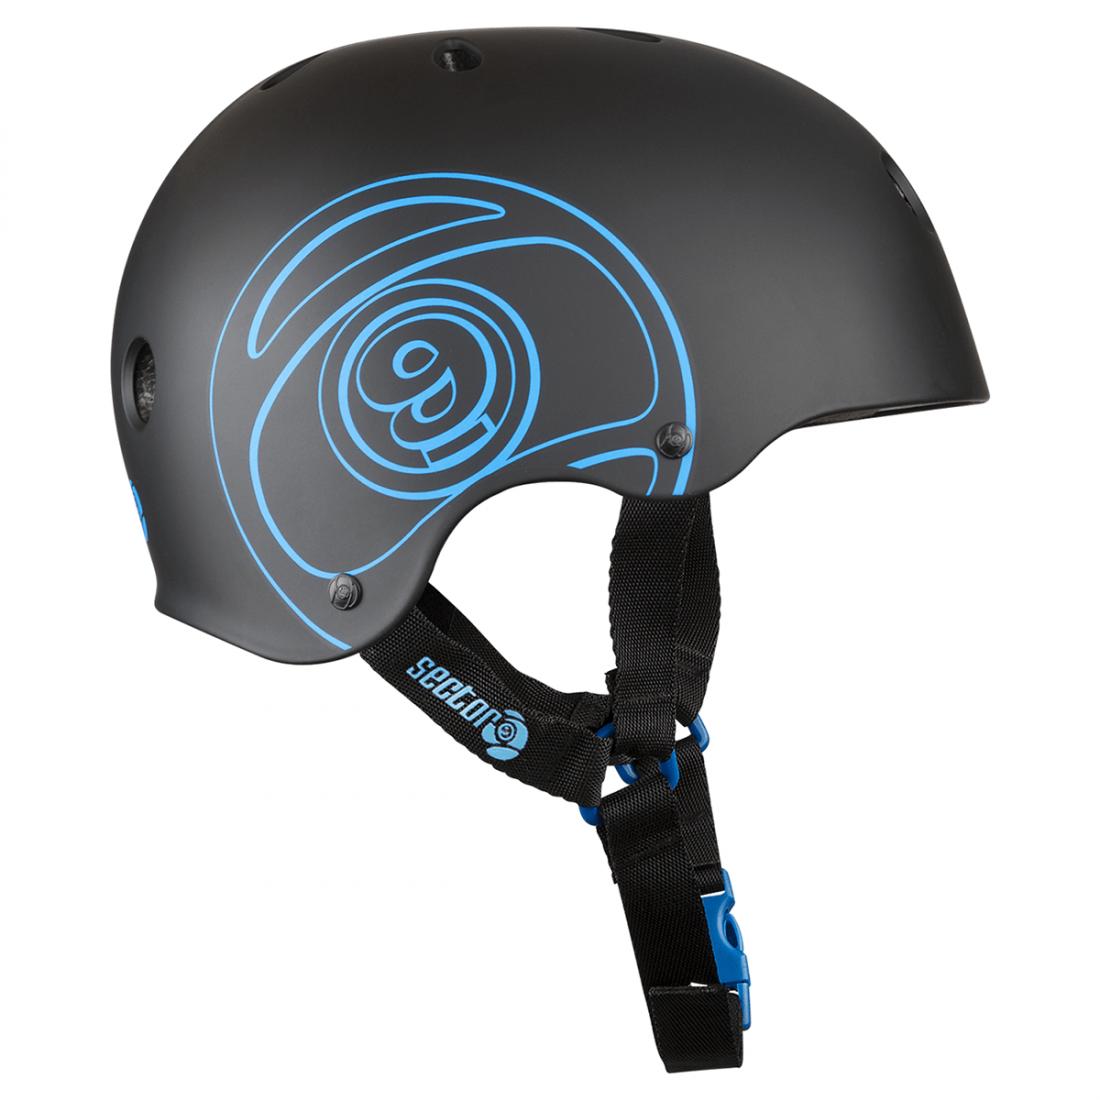 Шлем Sector9 LOGIC III - BRAINSAVER NON-CPSC купить в Boardshop №1